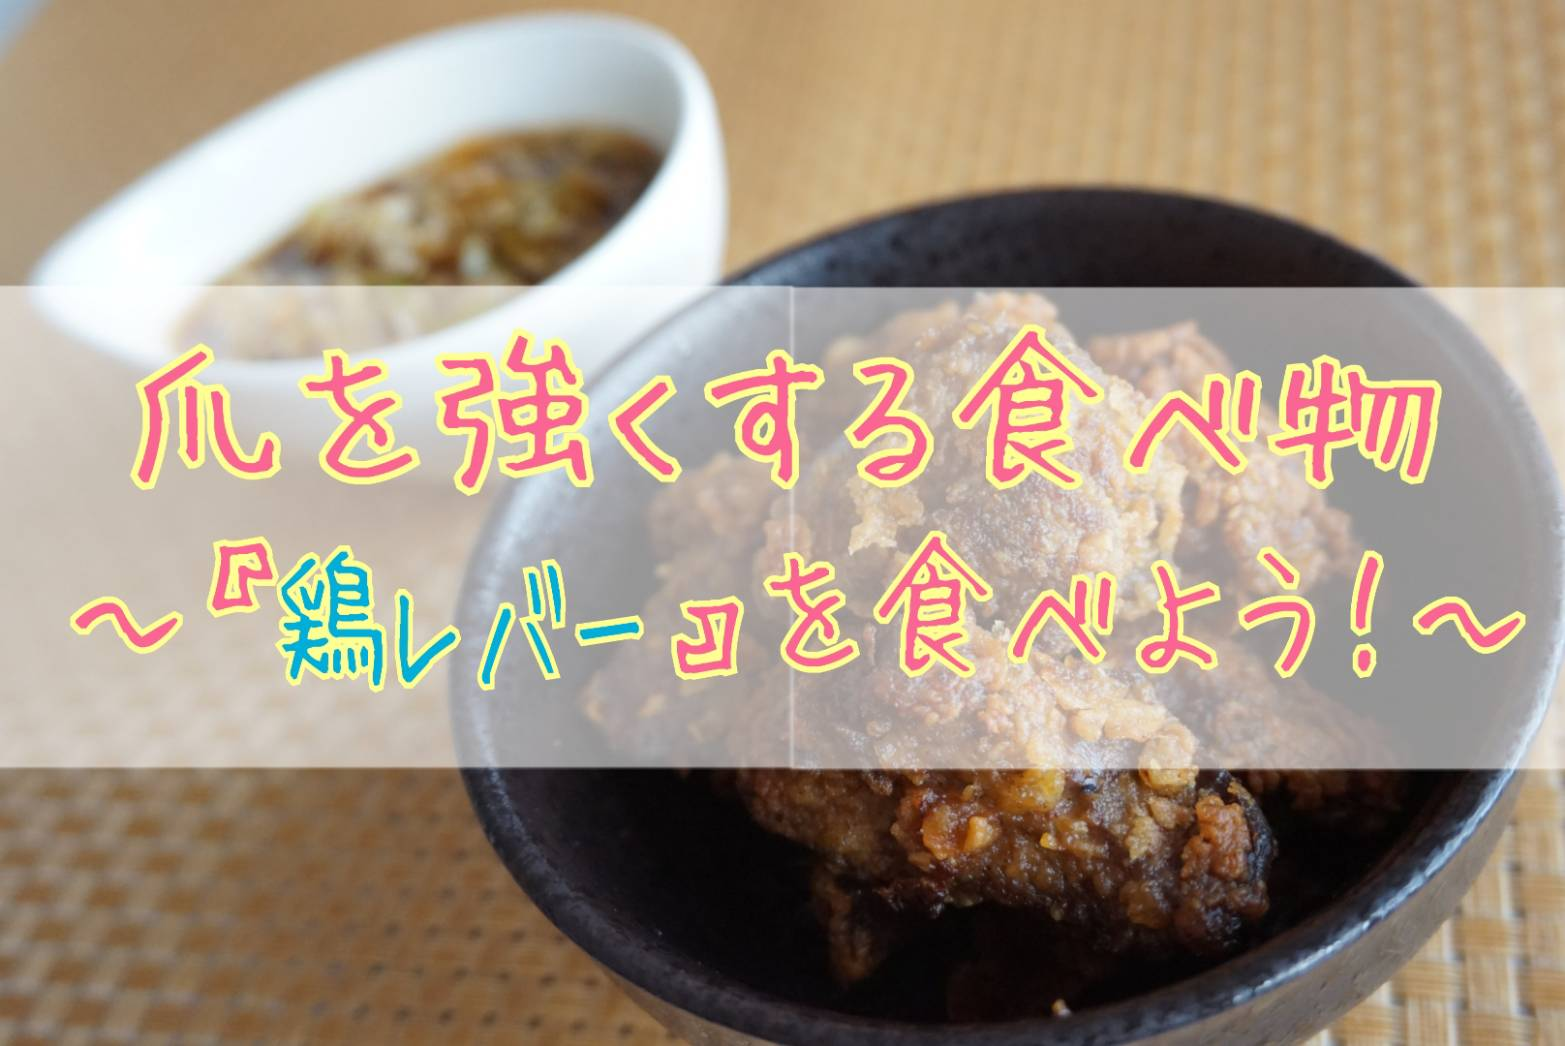 爪を強くする食べ物~『鶏レバー』を摂ろう~